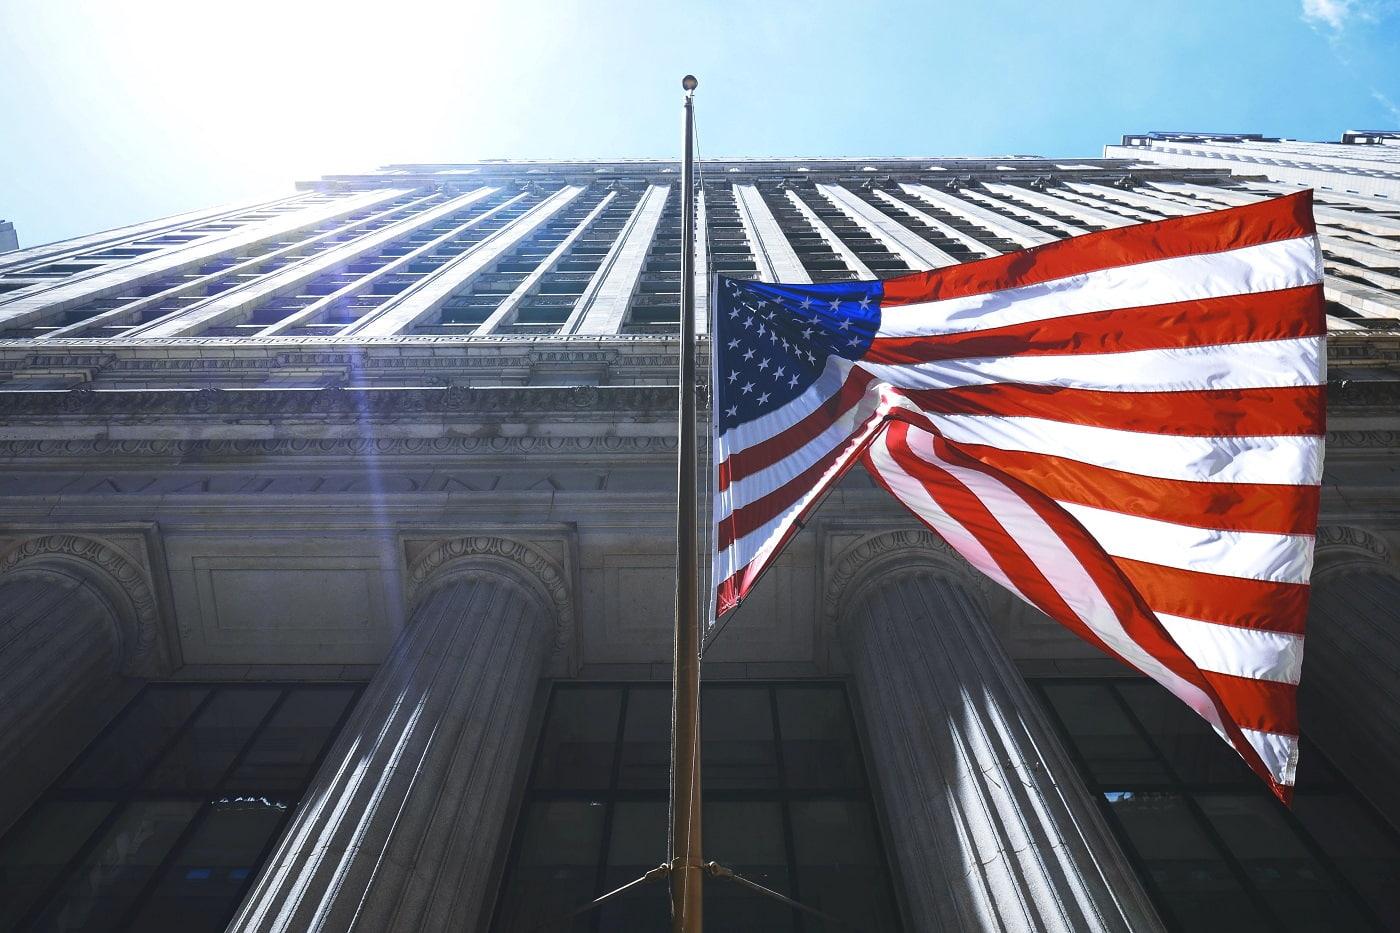 米国株の売買単位は何株から?【1株から買えるメリット2つ】